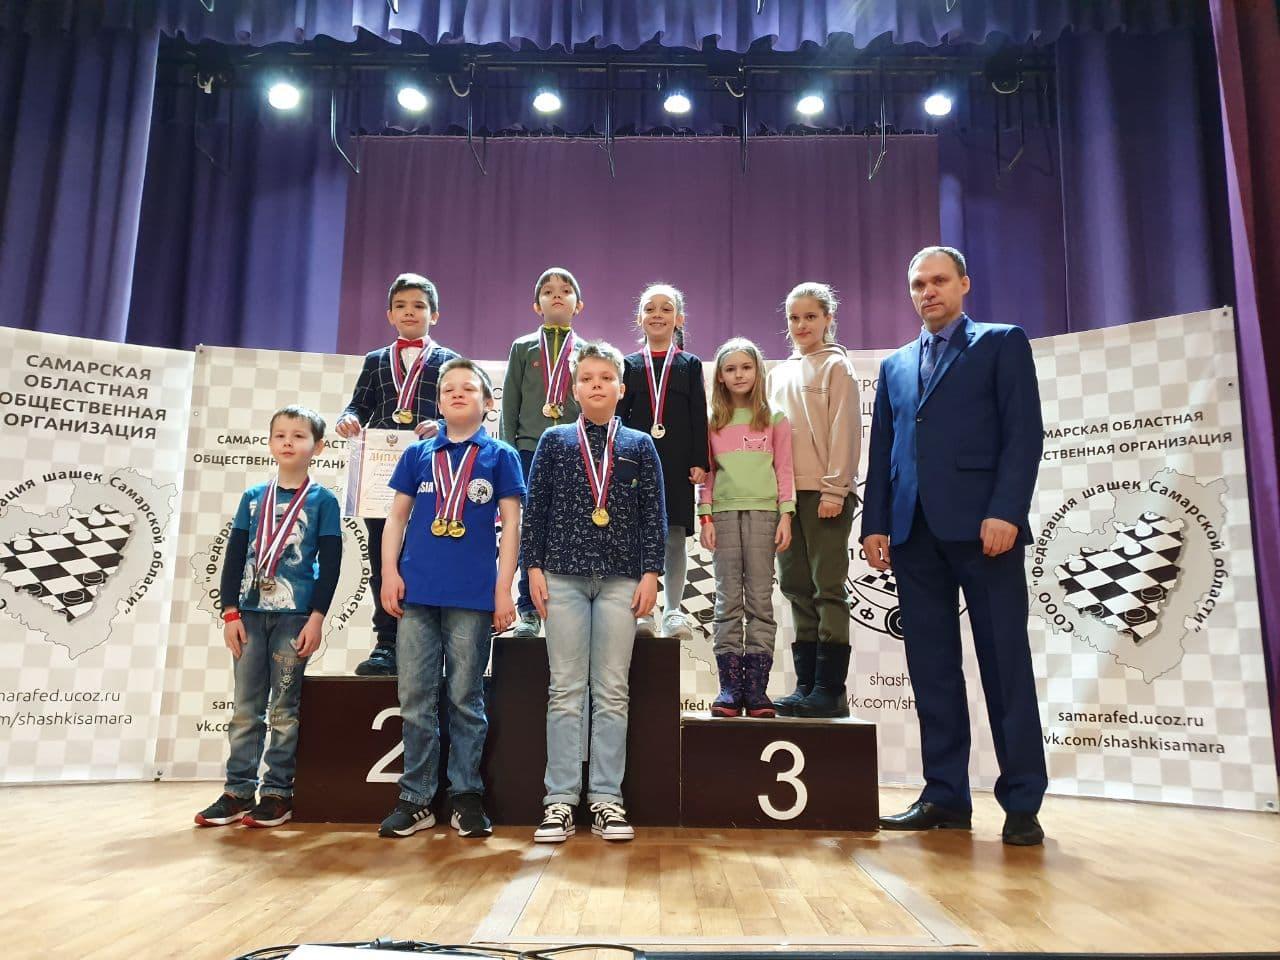 Юные спортсмены из Московской области победили на первенстве России по шашкам